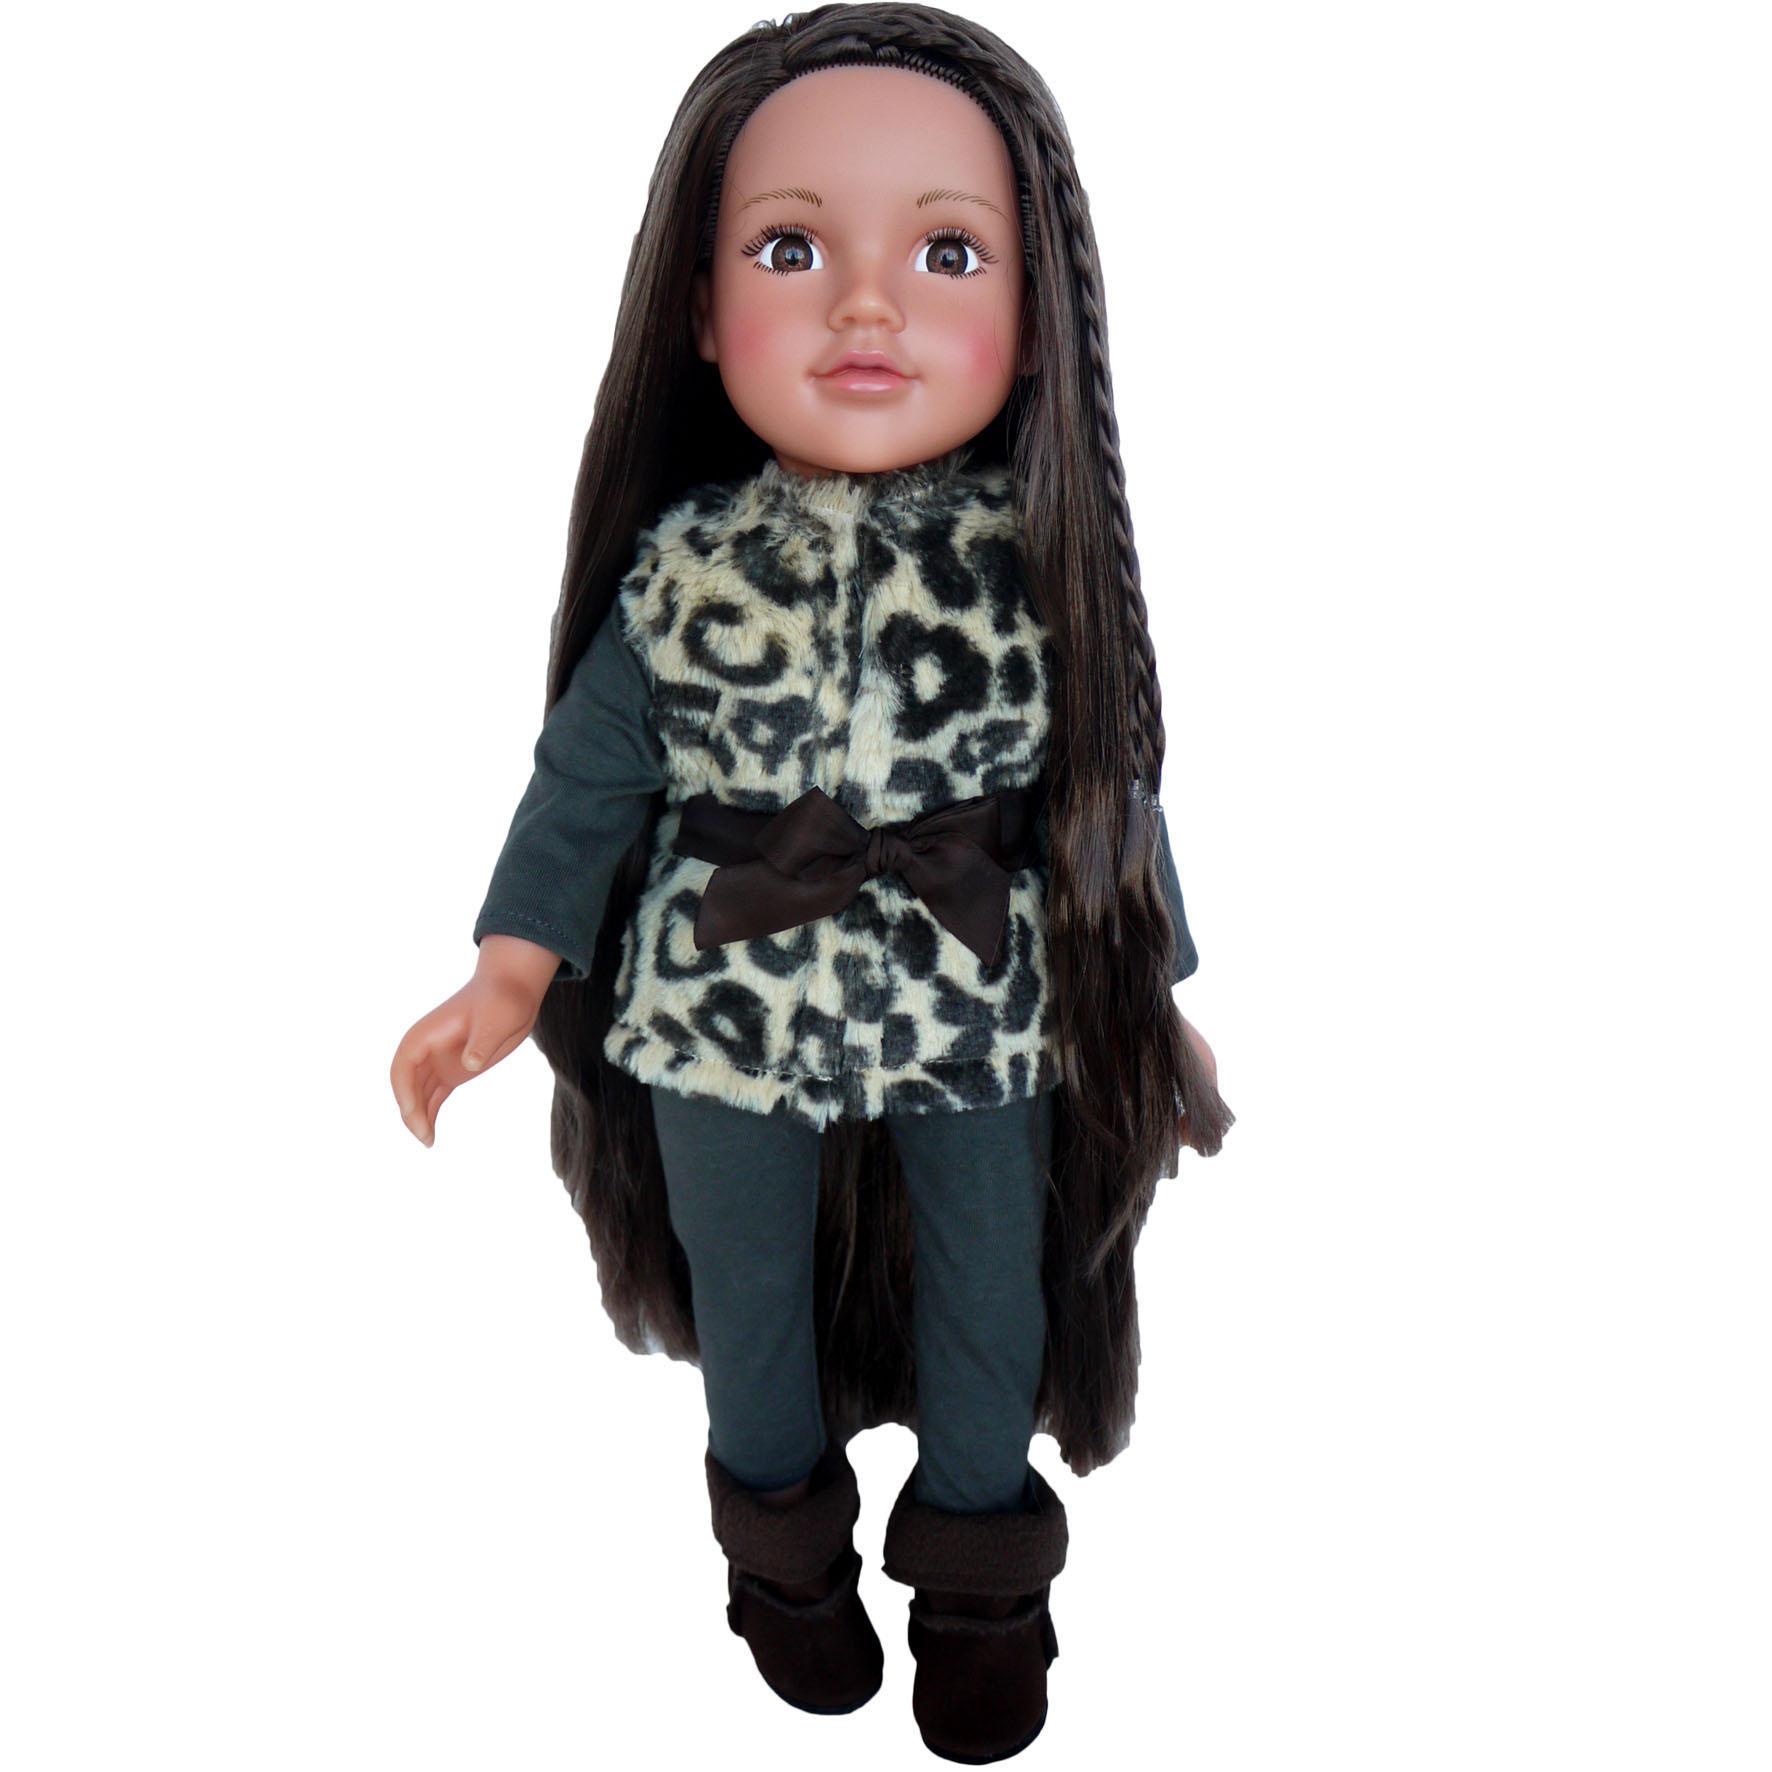 Design a Friend Jessica Doll